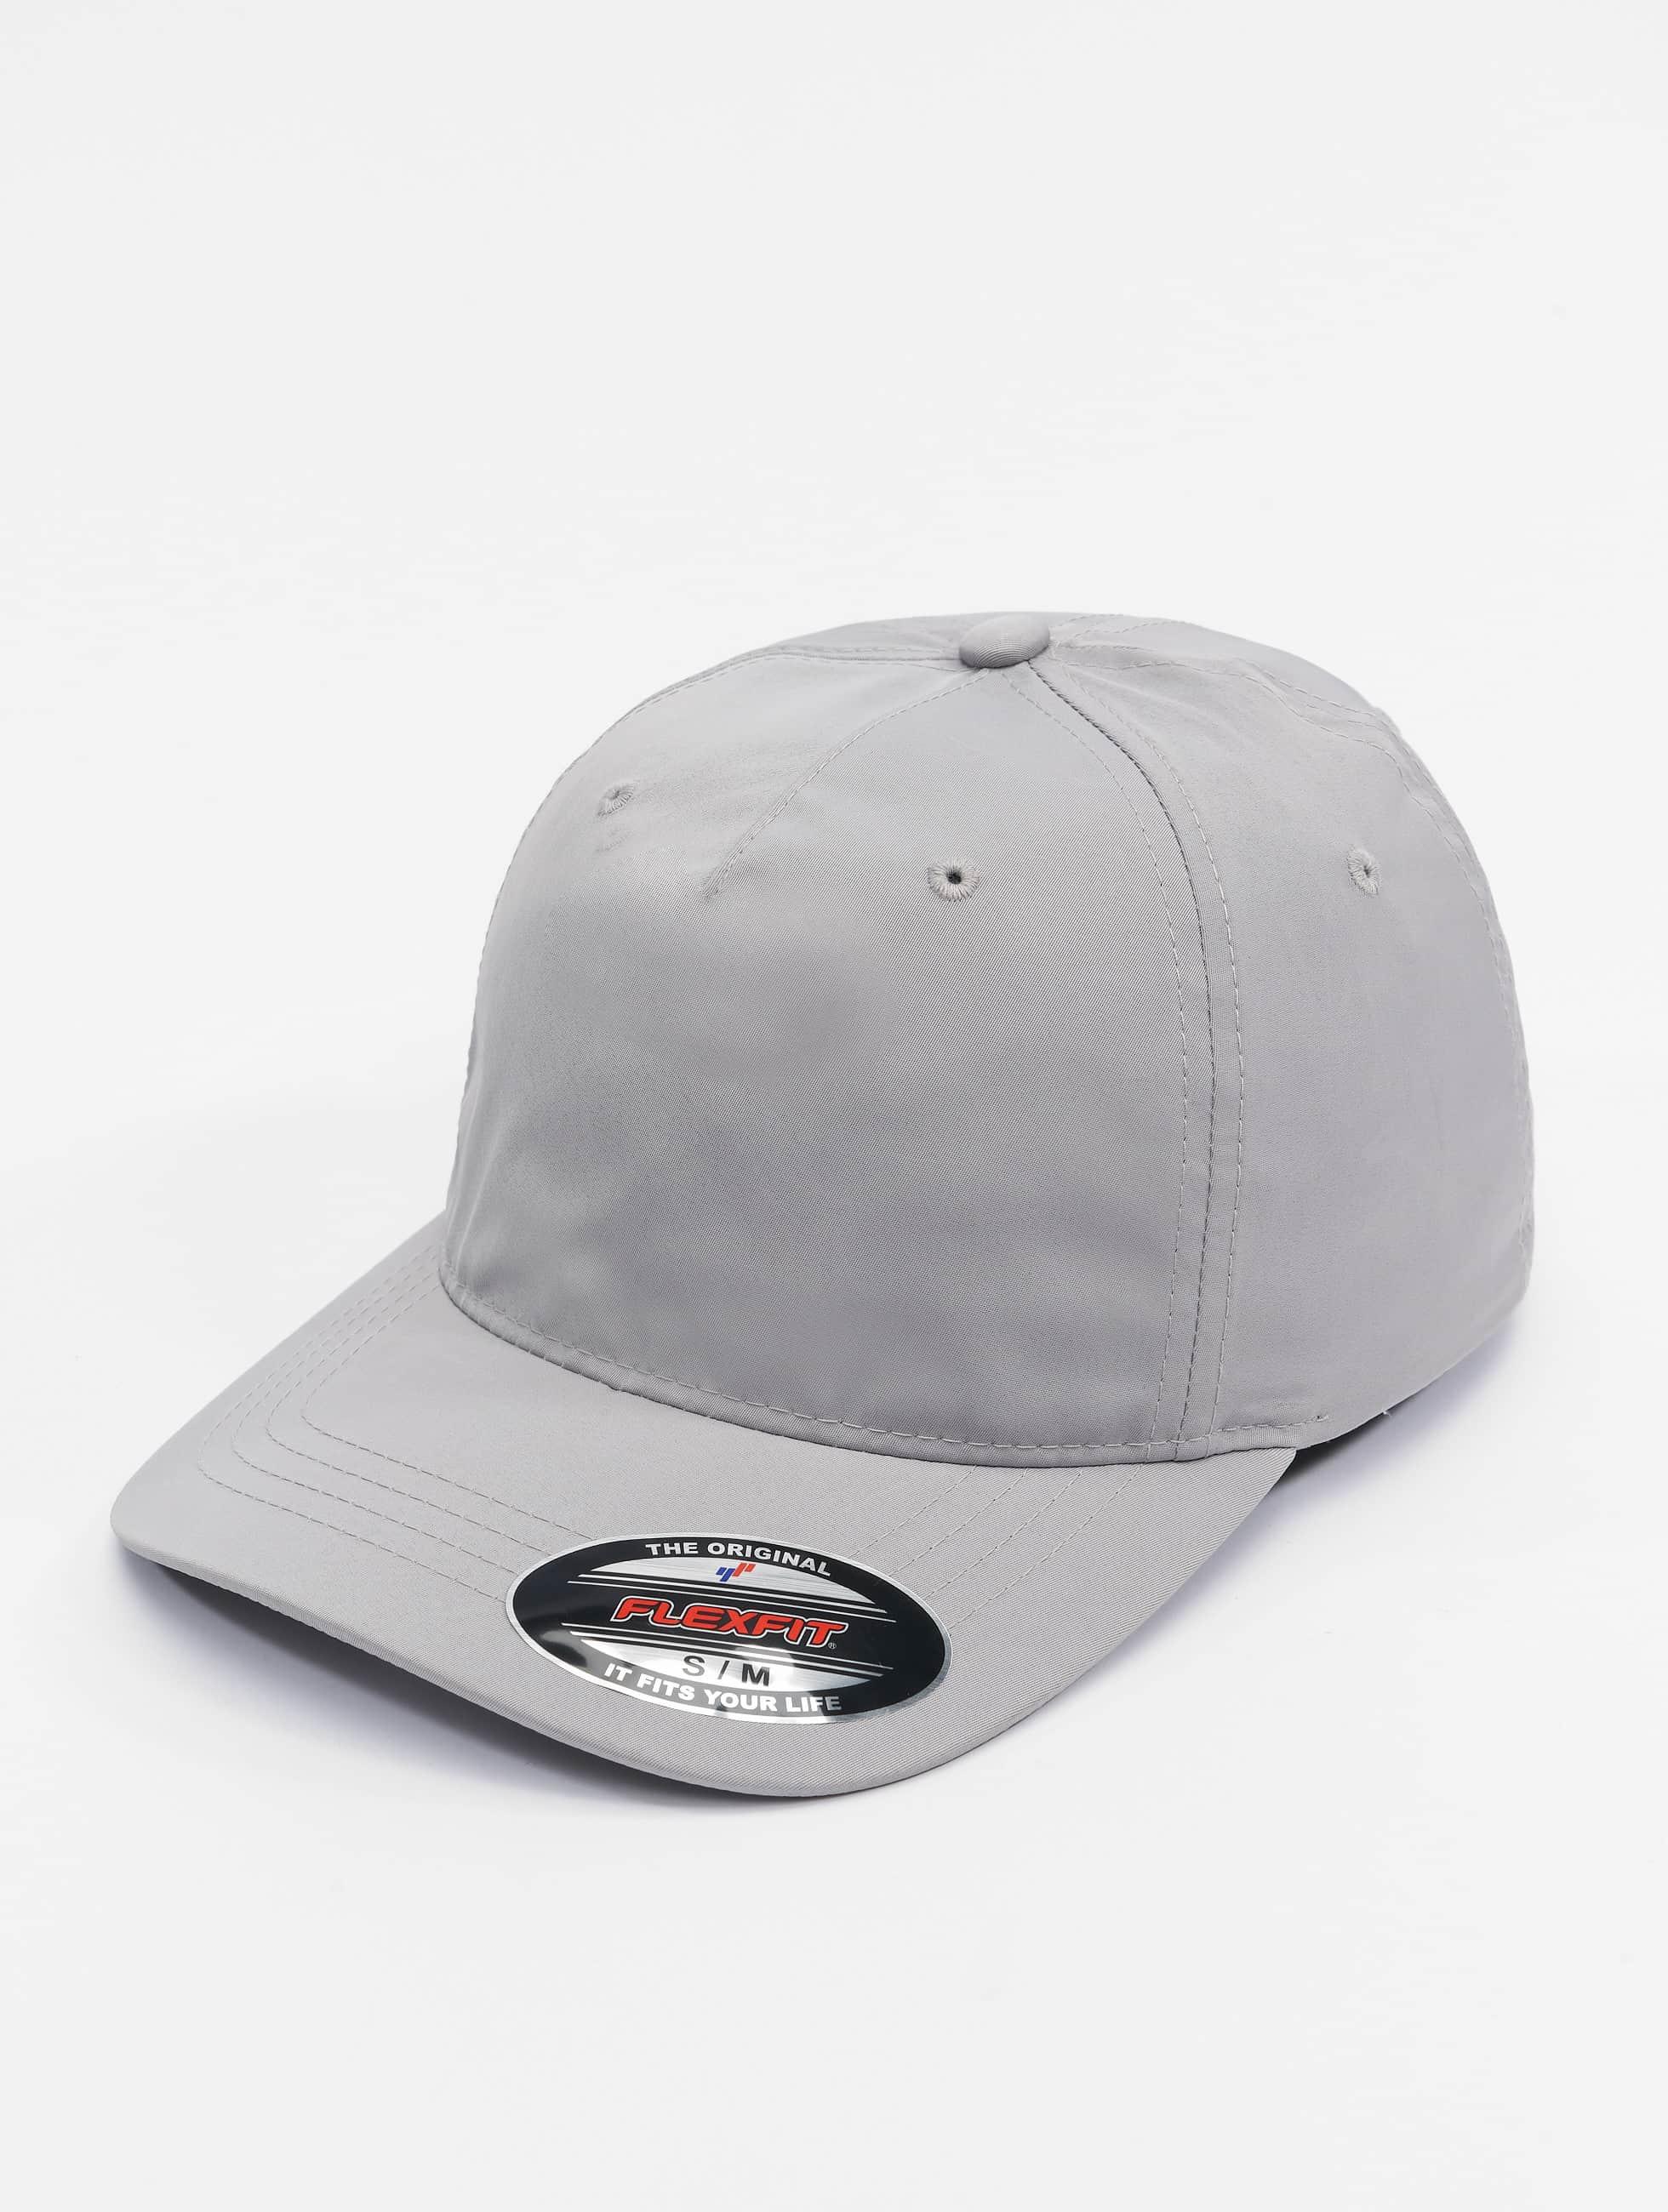 Flexfit Flexfitted Cap Unstructured Tech silberfarben